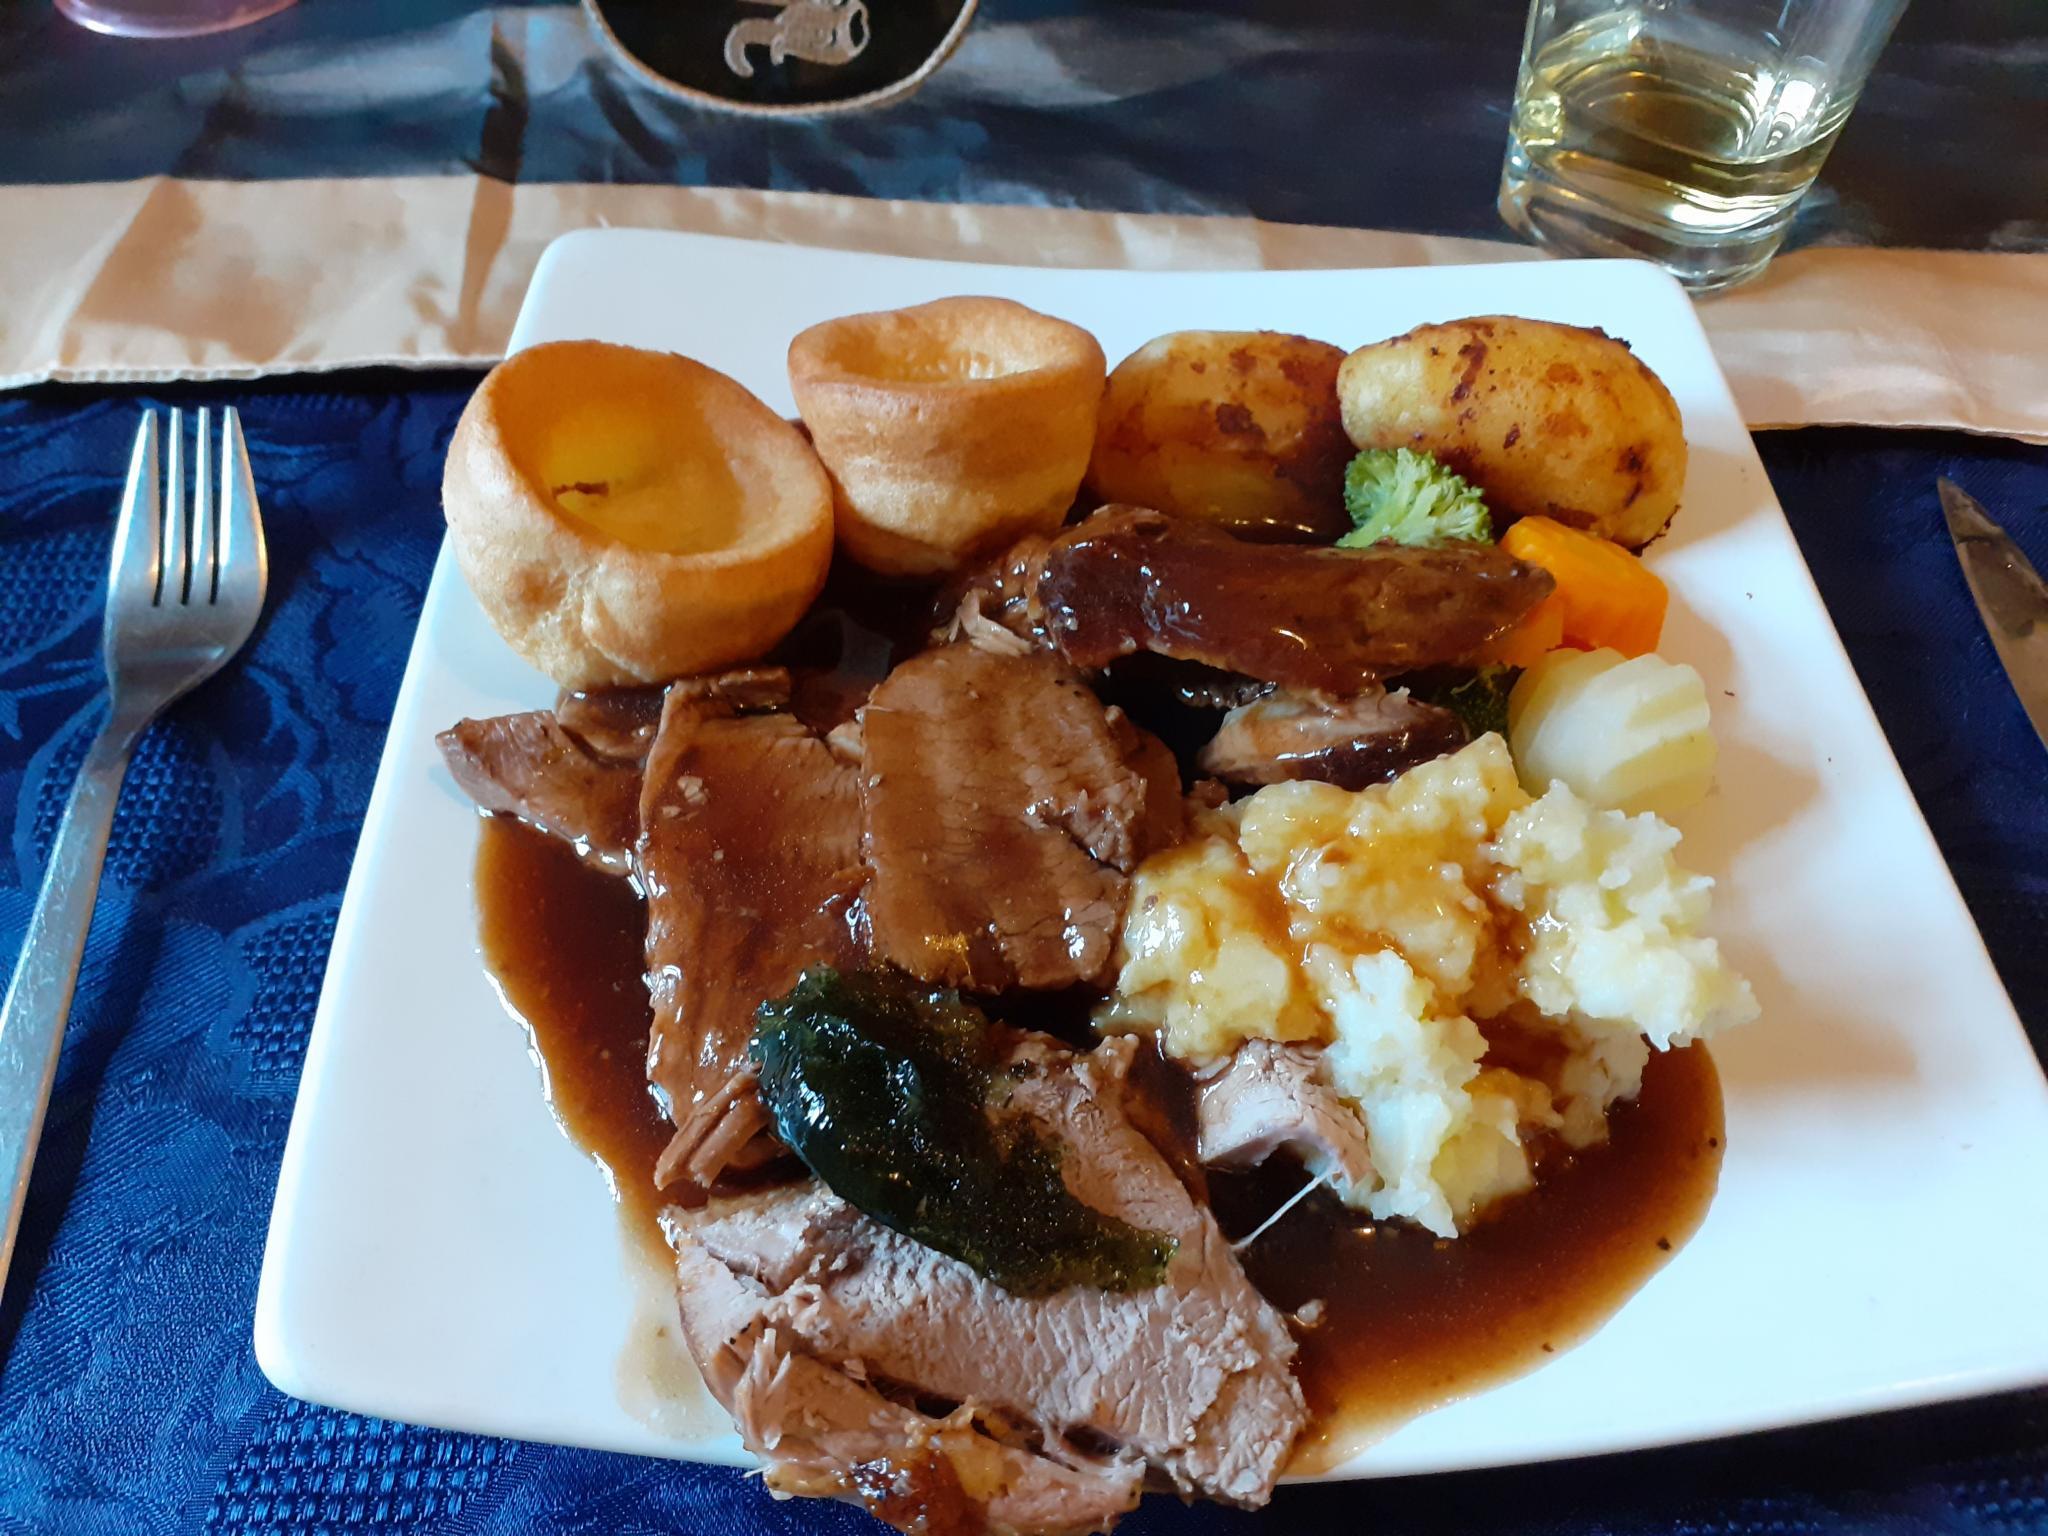 Dinner-20200630_184514-jpg